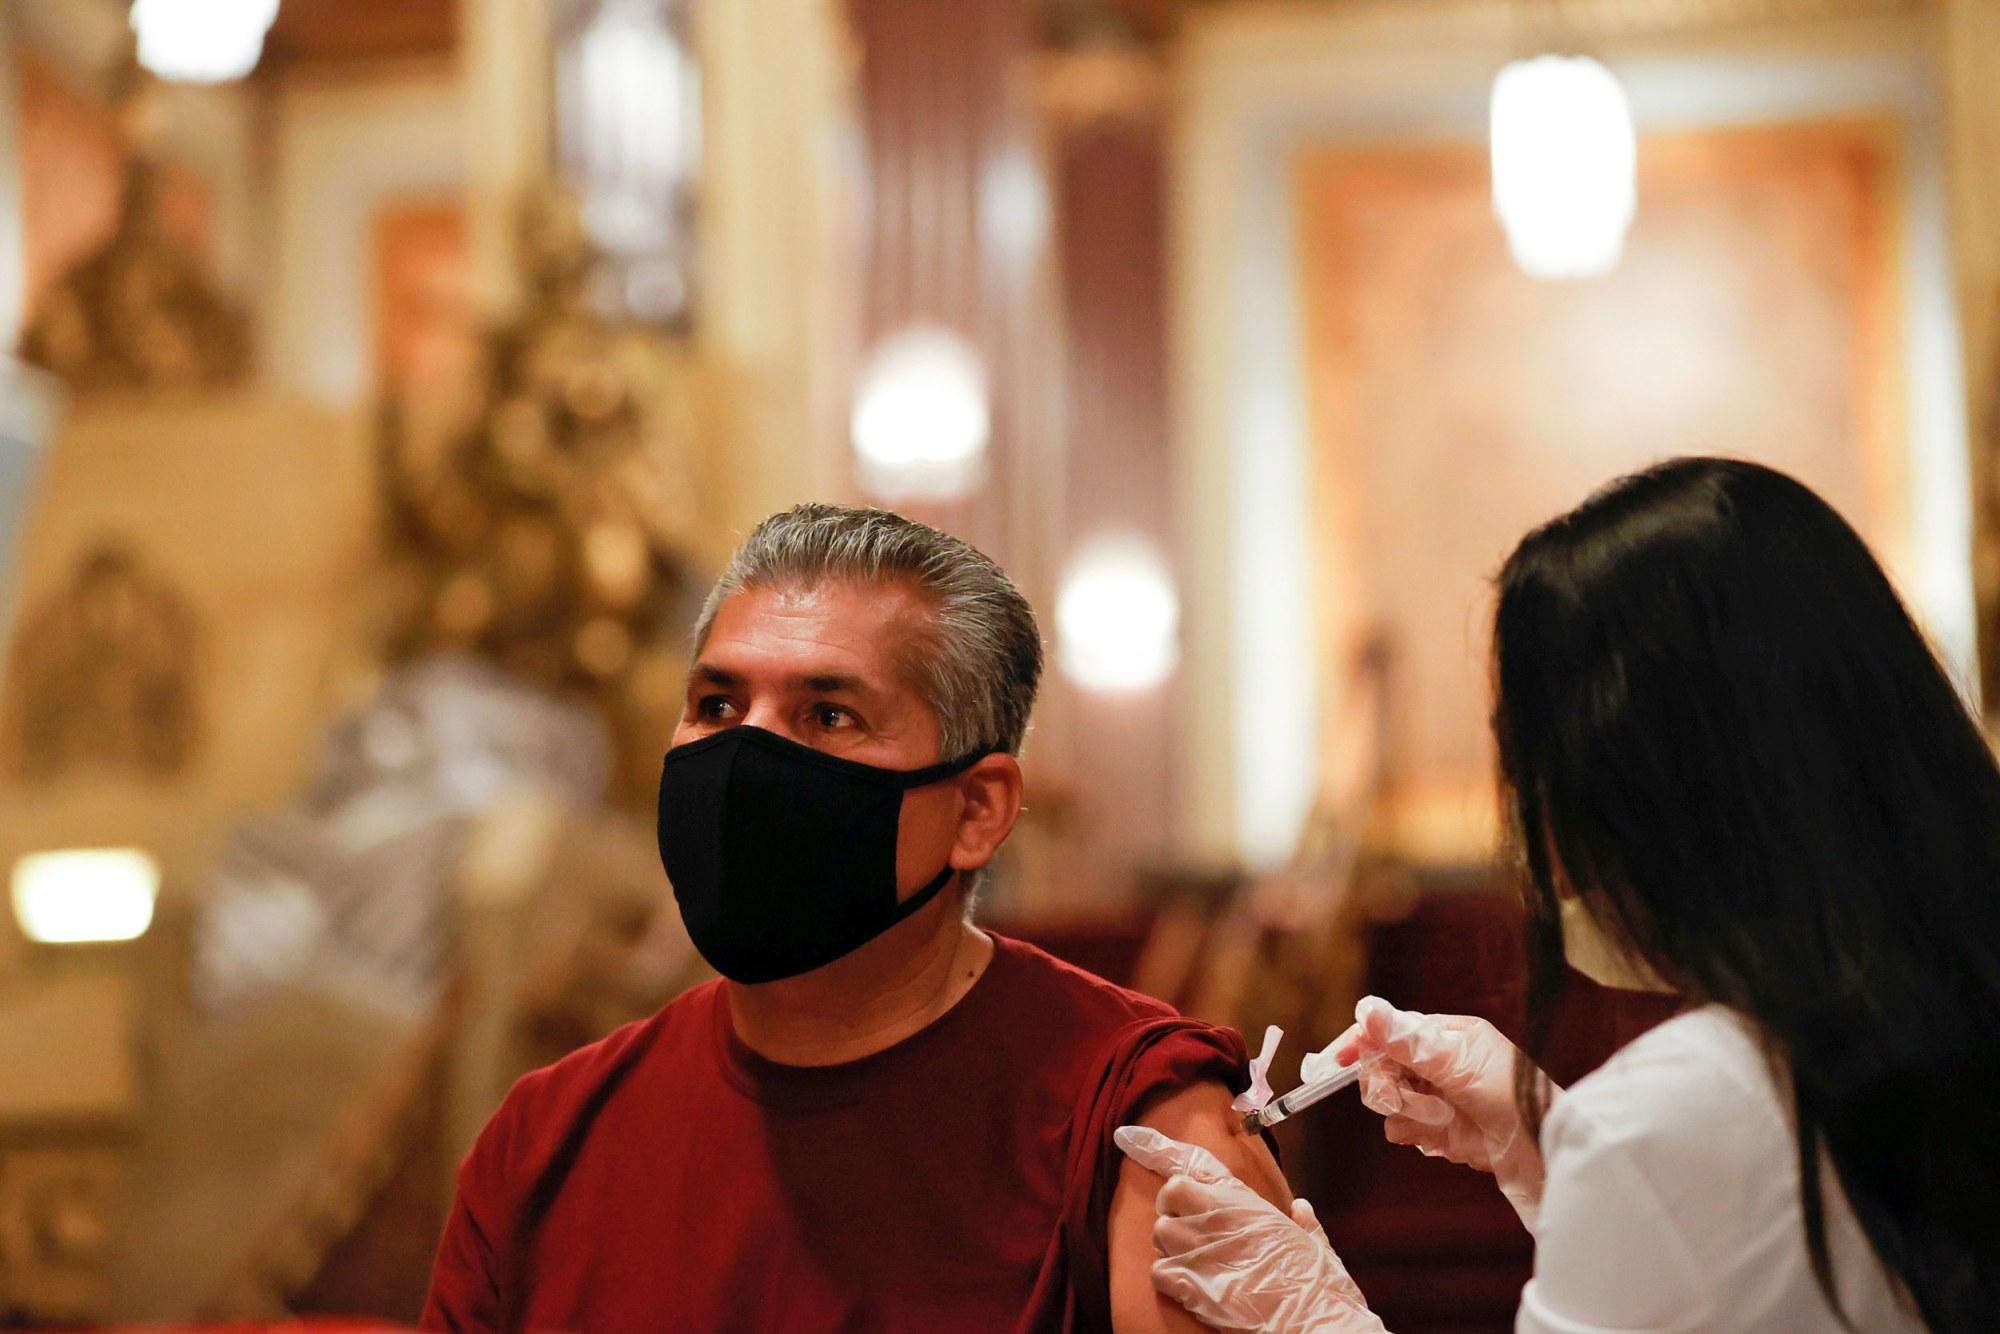 Jesus Oronoz được tiêm vắc-xin Johnson & Johnson tại một phòng khám pop-up ở Los Angeles vào ngày 12 tháng 6.